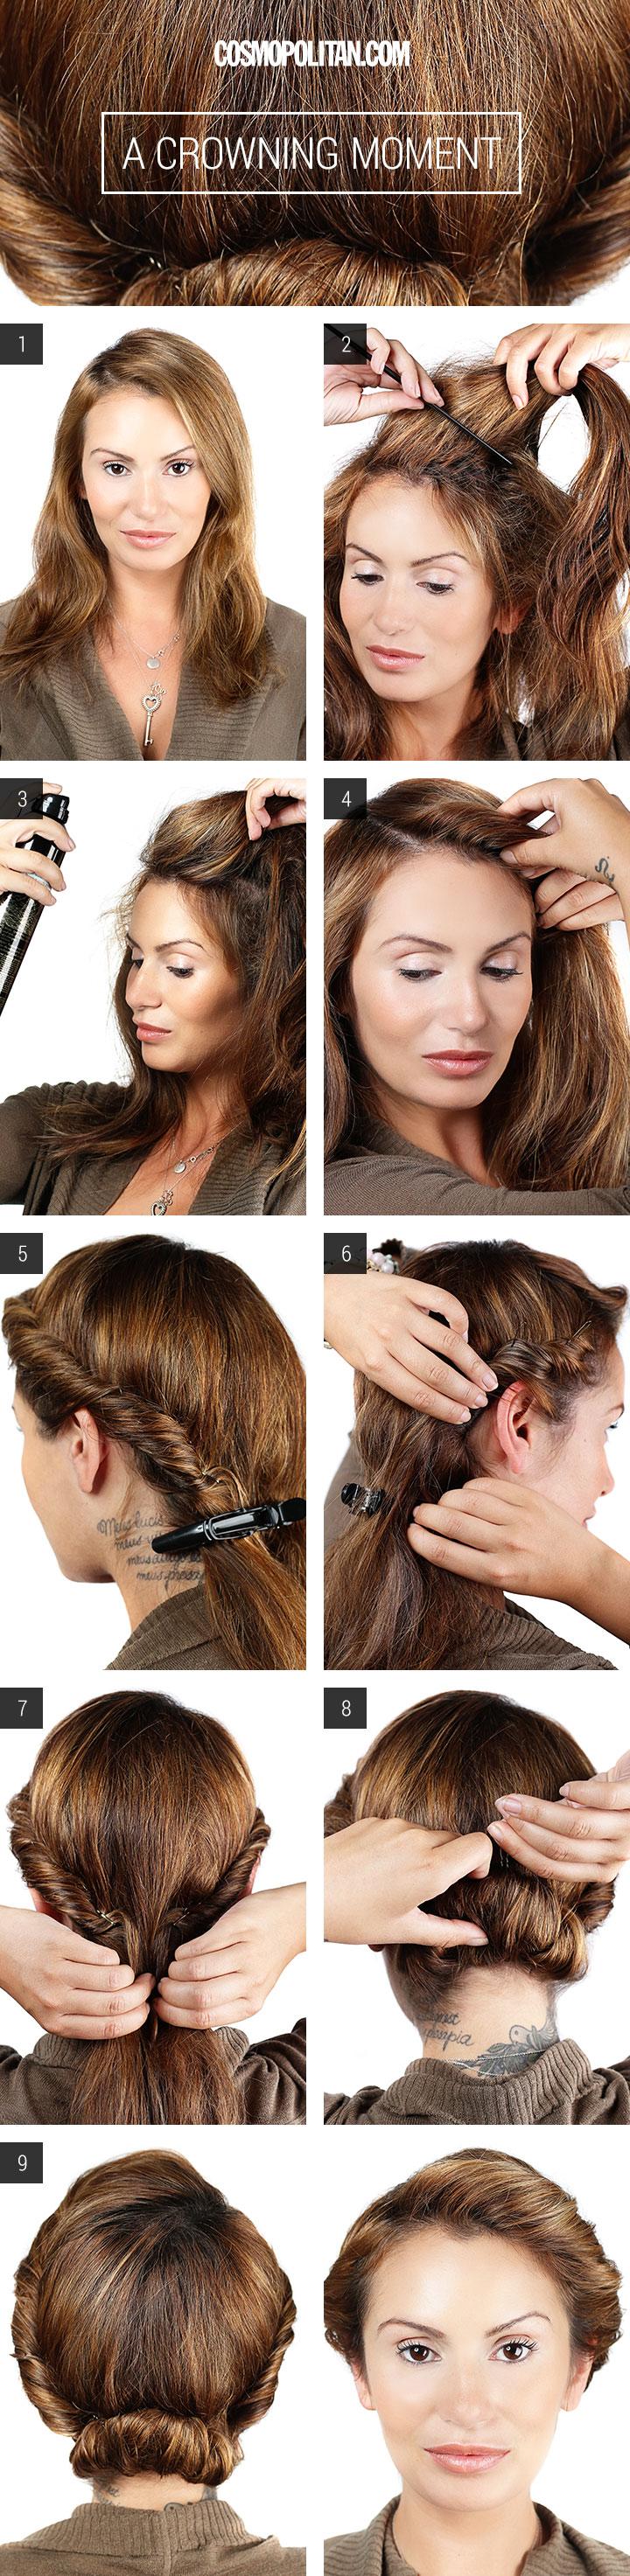 crown hair tutorial